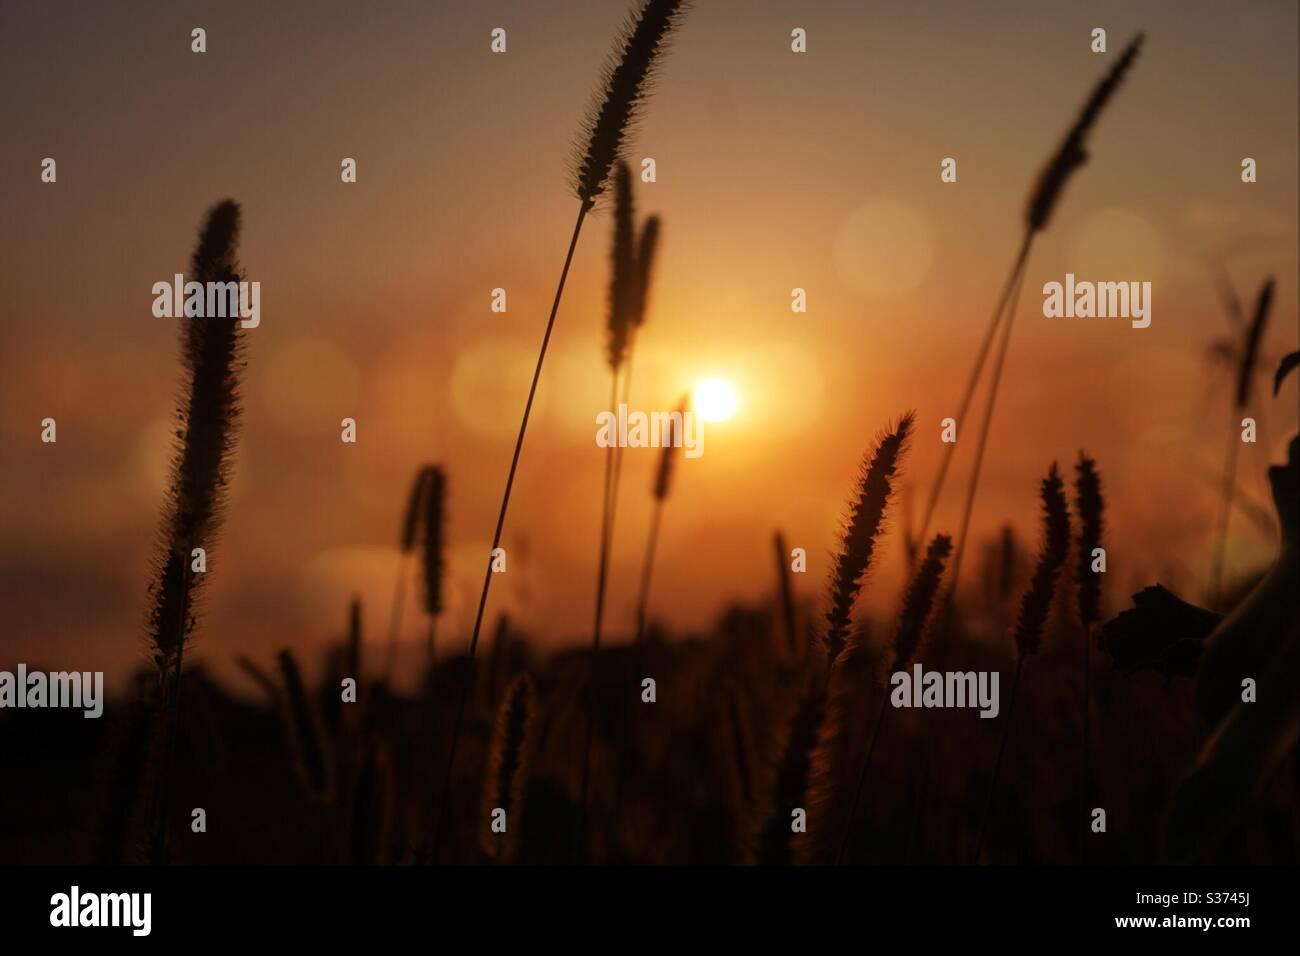 las orejas de trigo contra la luz, los pequeños hilos reflejan la luz naranja de la puesta de sol Foto de stock